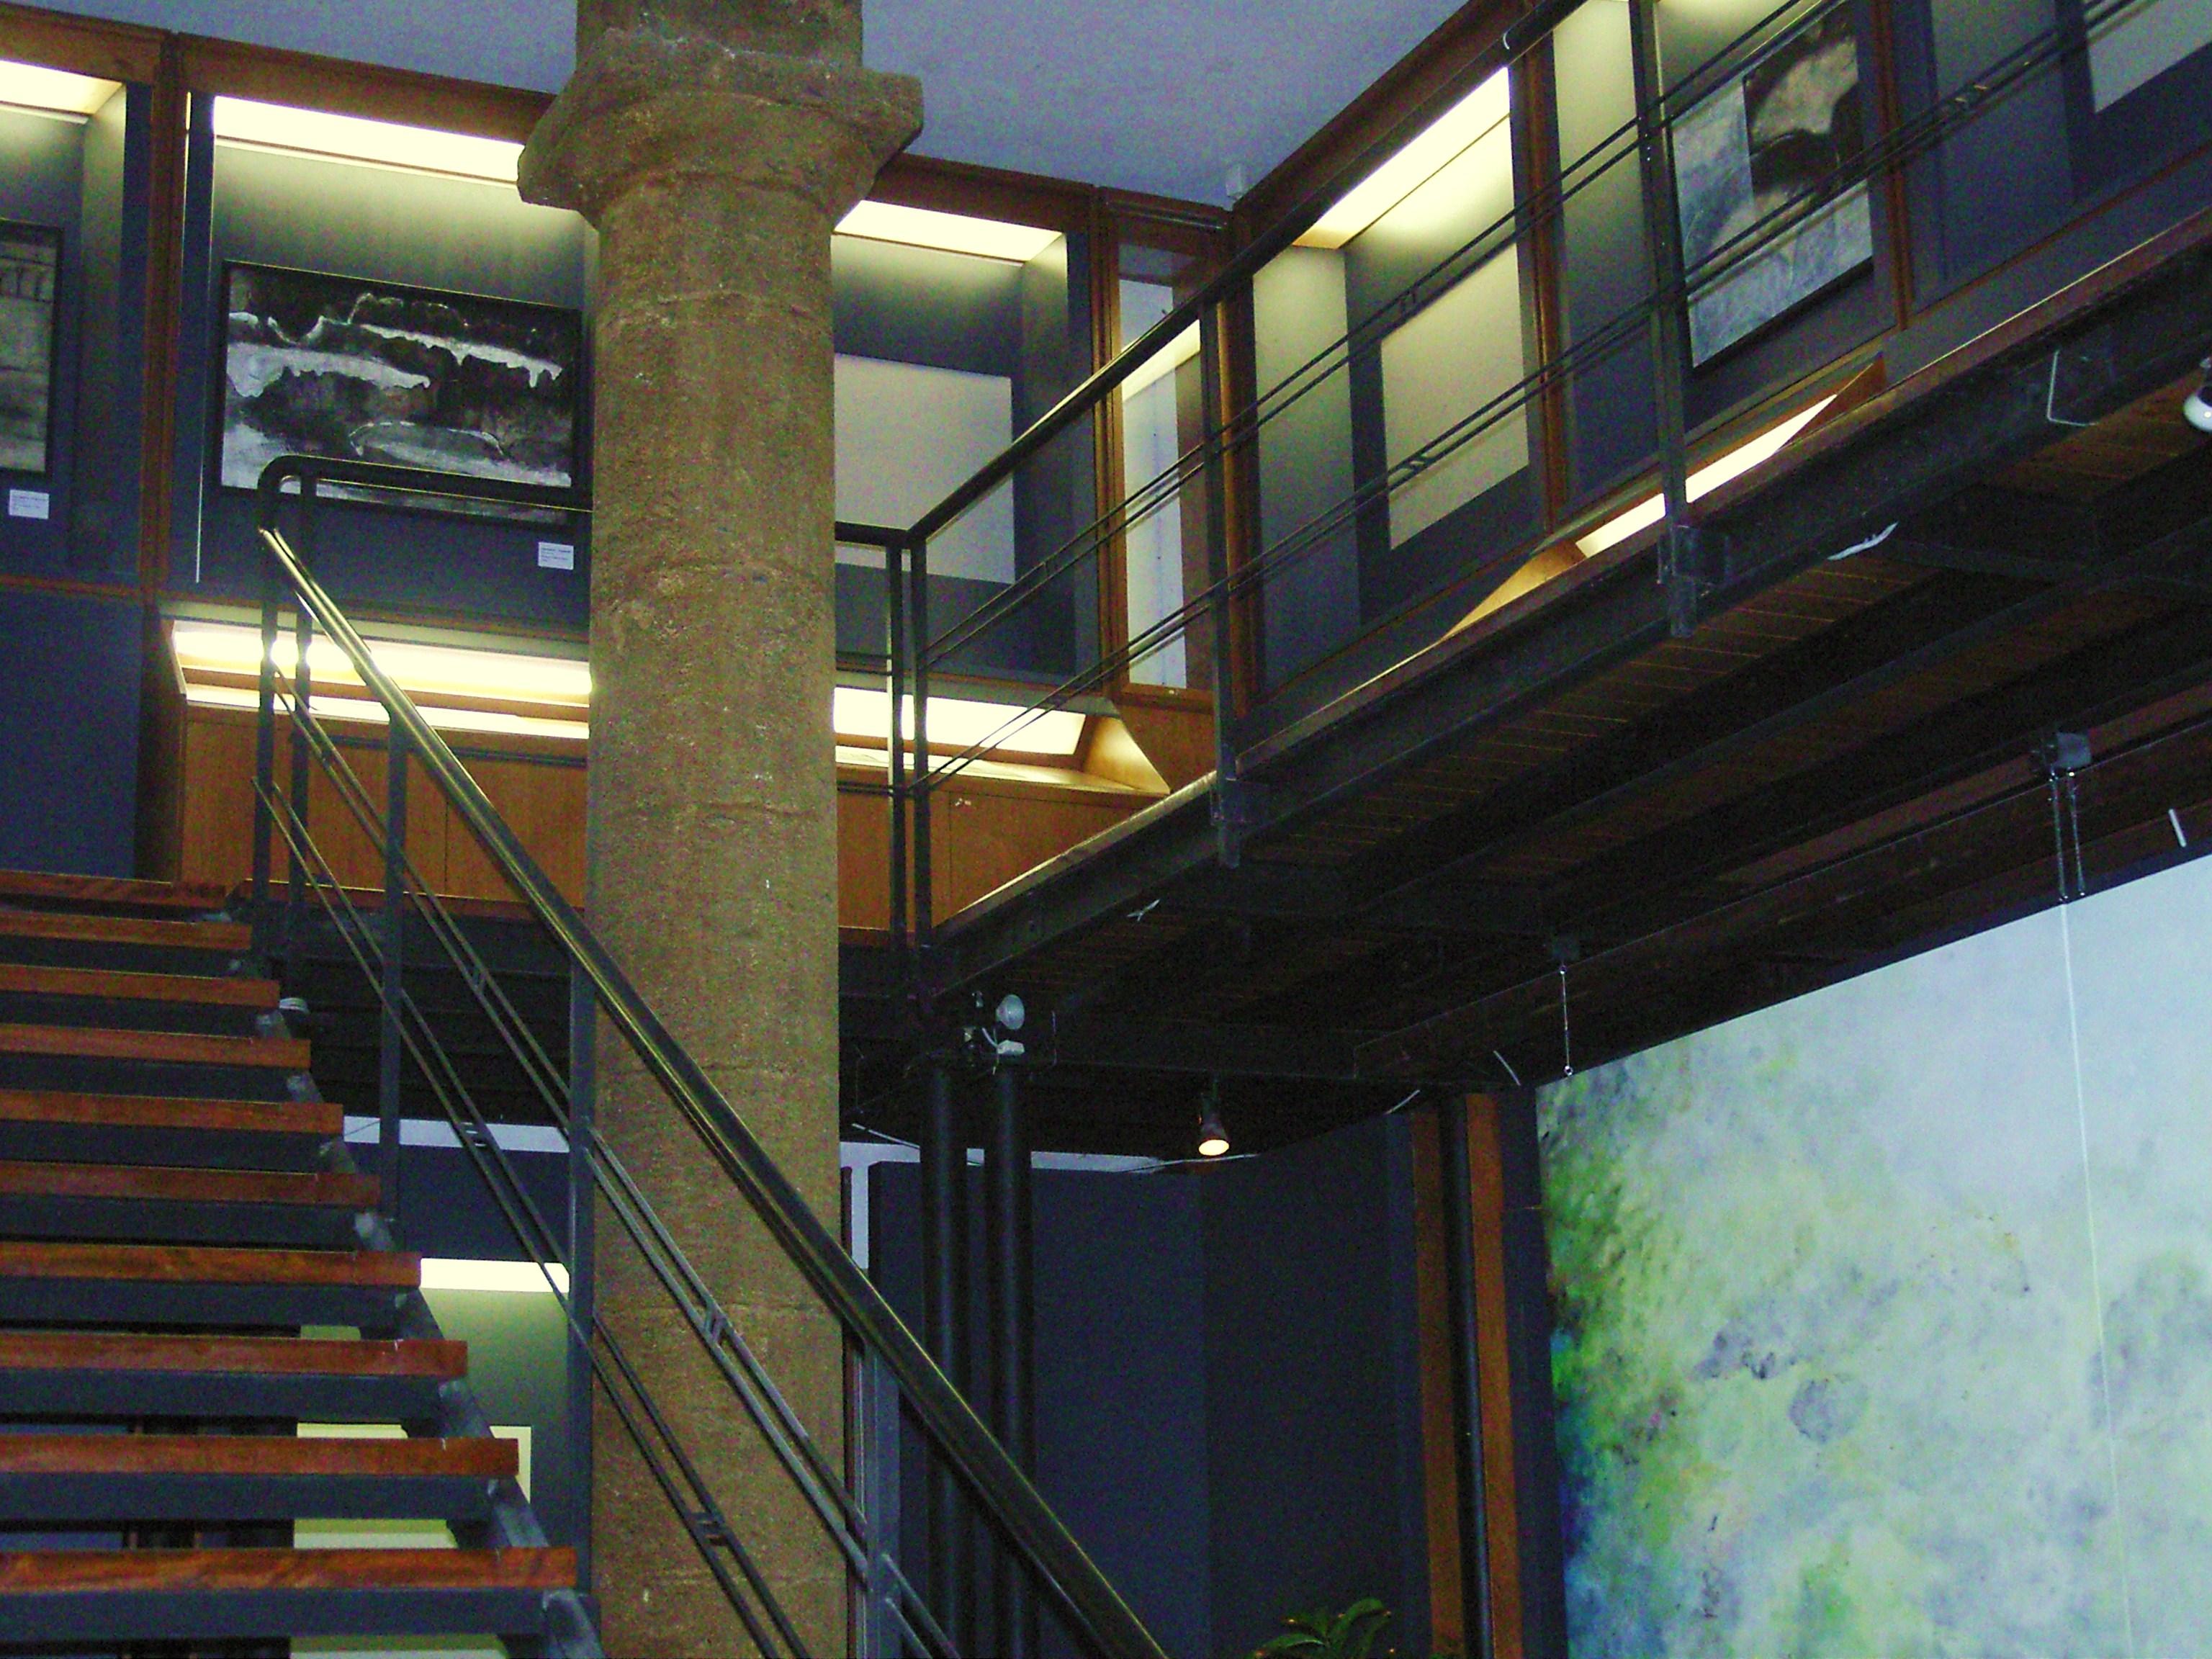 Mostra Orto botanico, Palermo, Sala Giuseppe e Vincenzo Tineo,2010